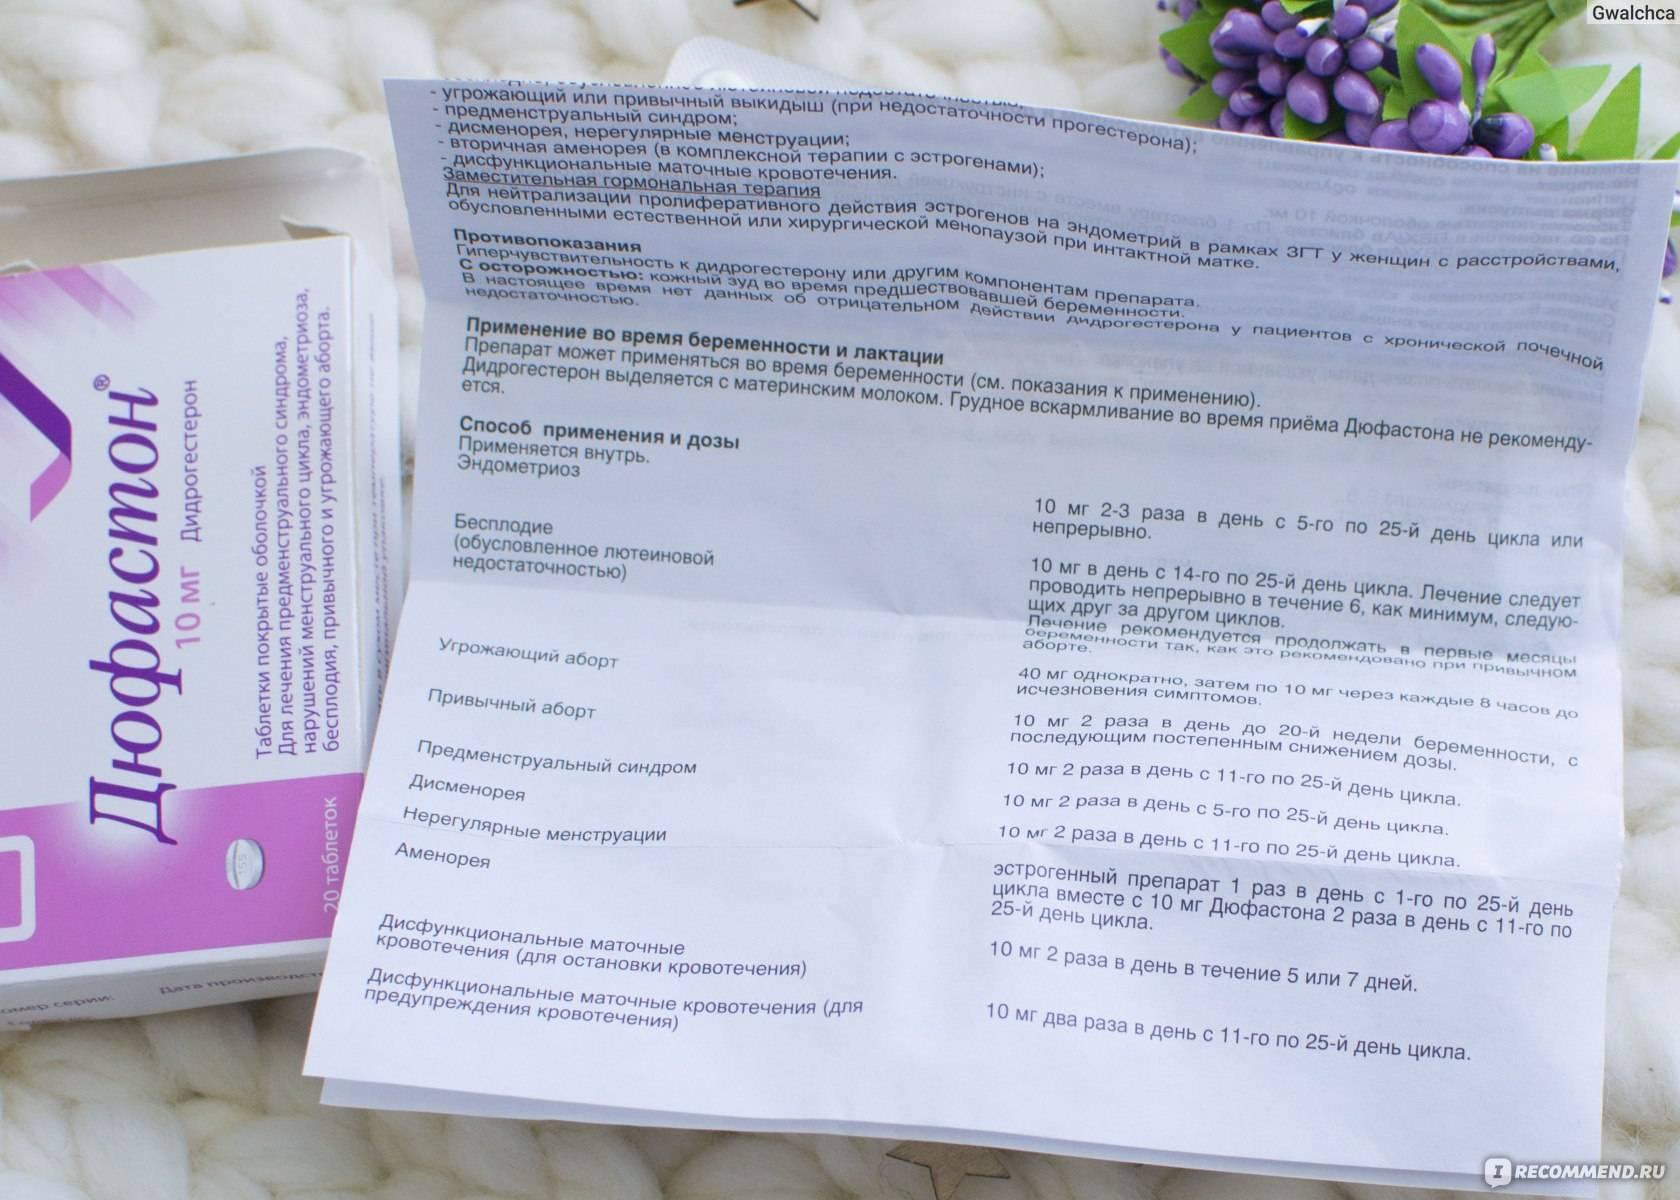 Правила применения циклодинона и дюфастона одновременно при планировании беременности, аналоги препаратов. цикловита: инструкция по применению, аналоги и отзывы, цены в аптеках россии